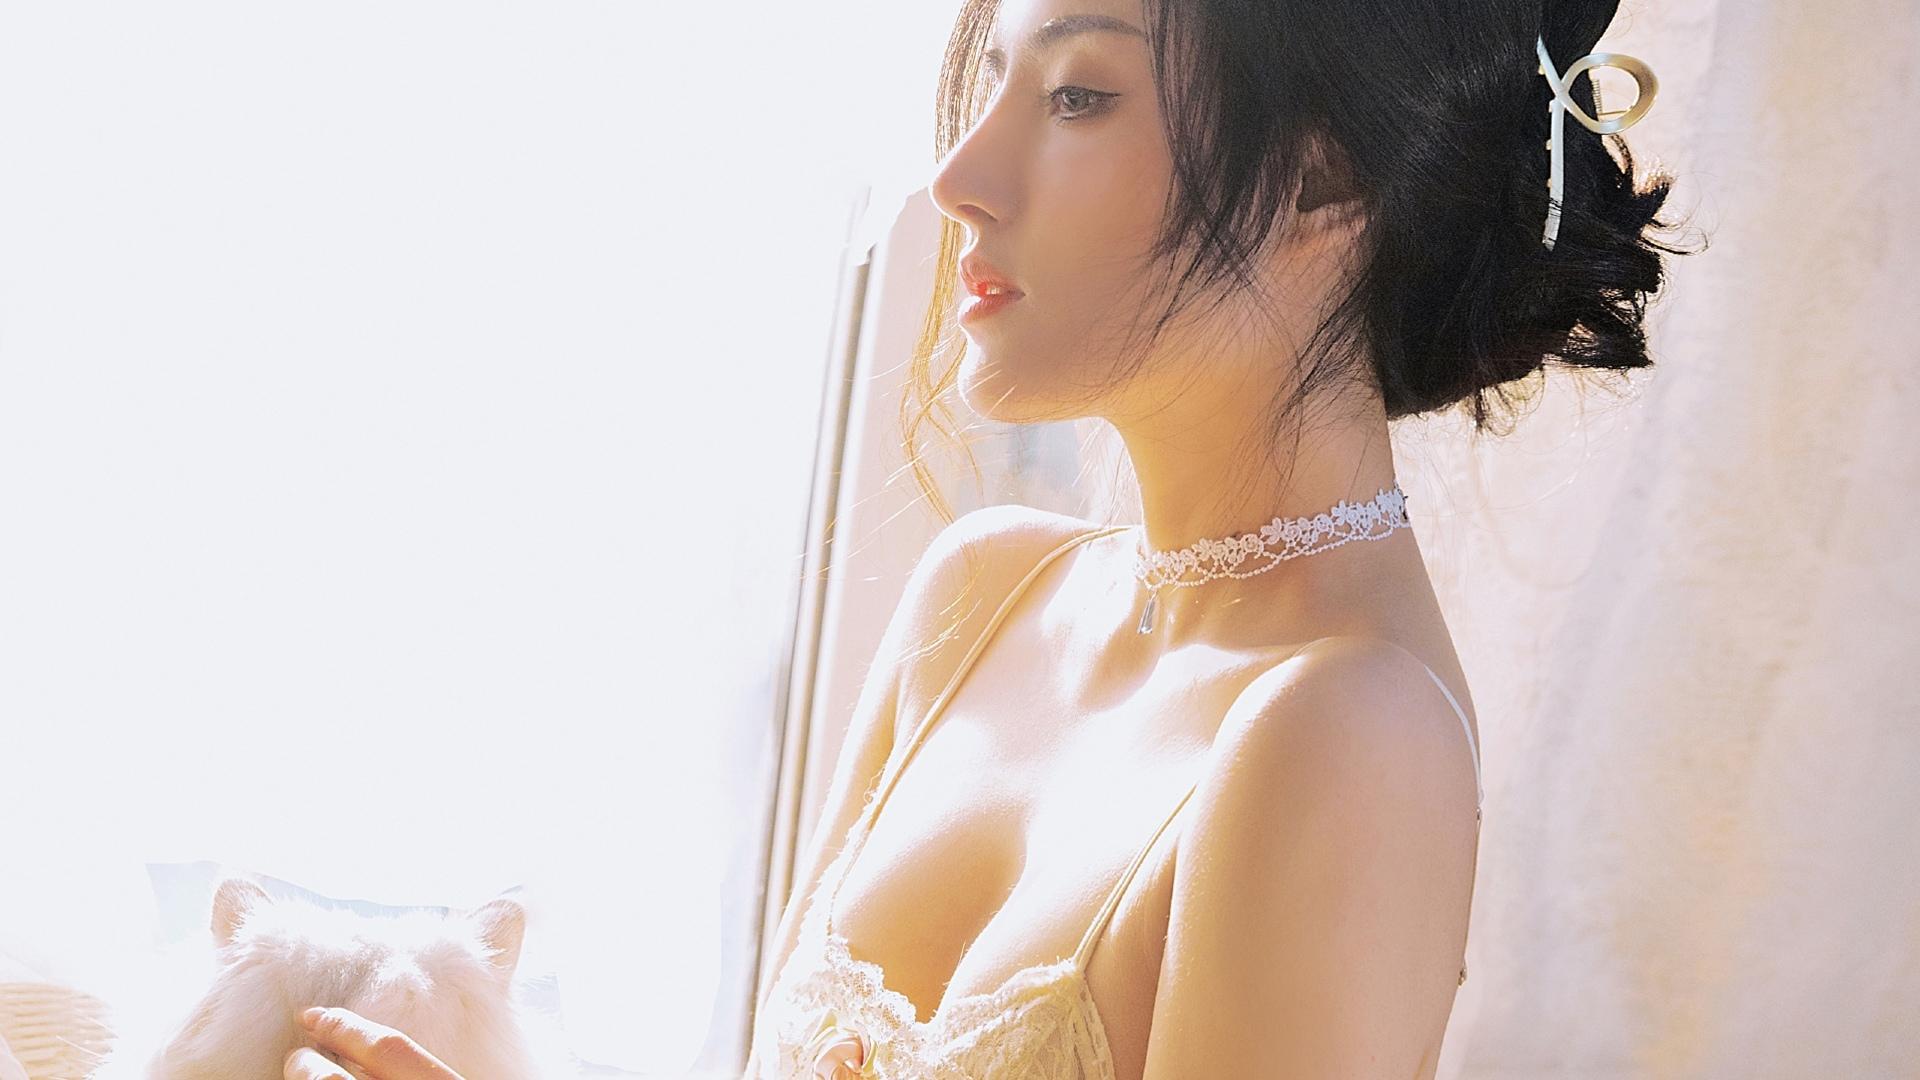 美女模特,性感女神,美肩,长发,婚纱,阳光